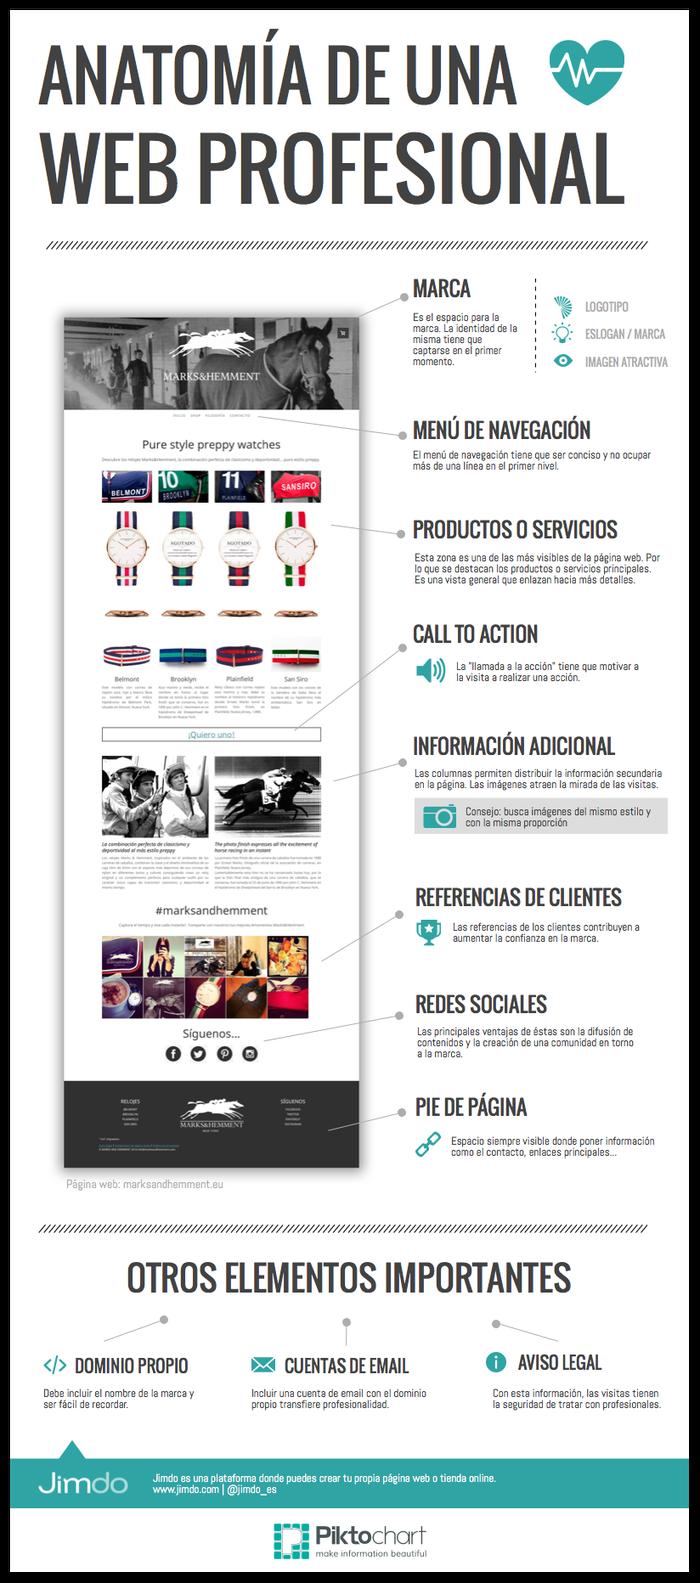 Anatomía de una página web profesional | Infografía - Jimdo